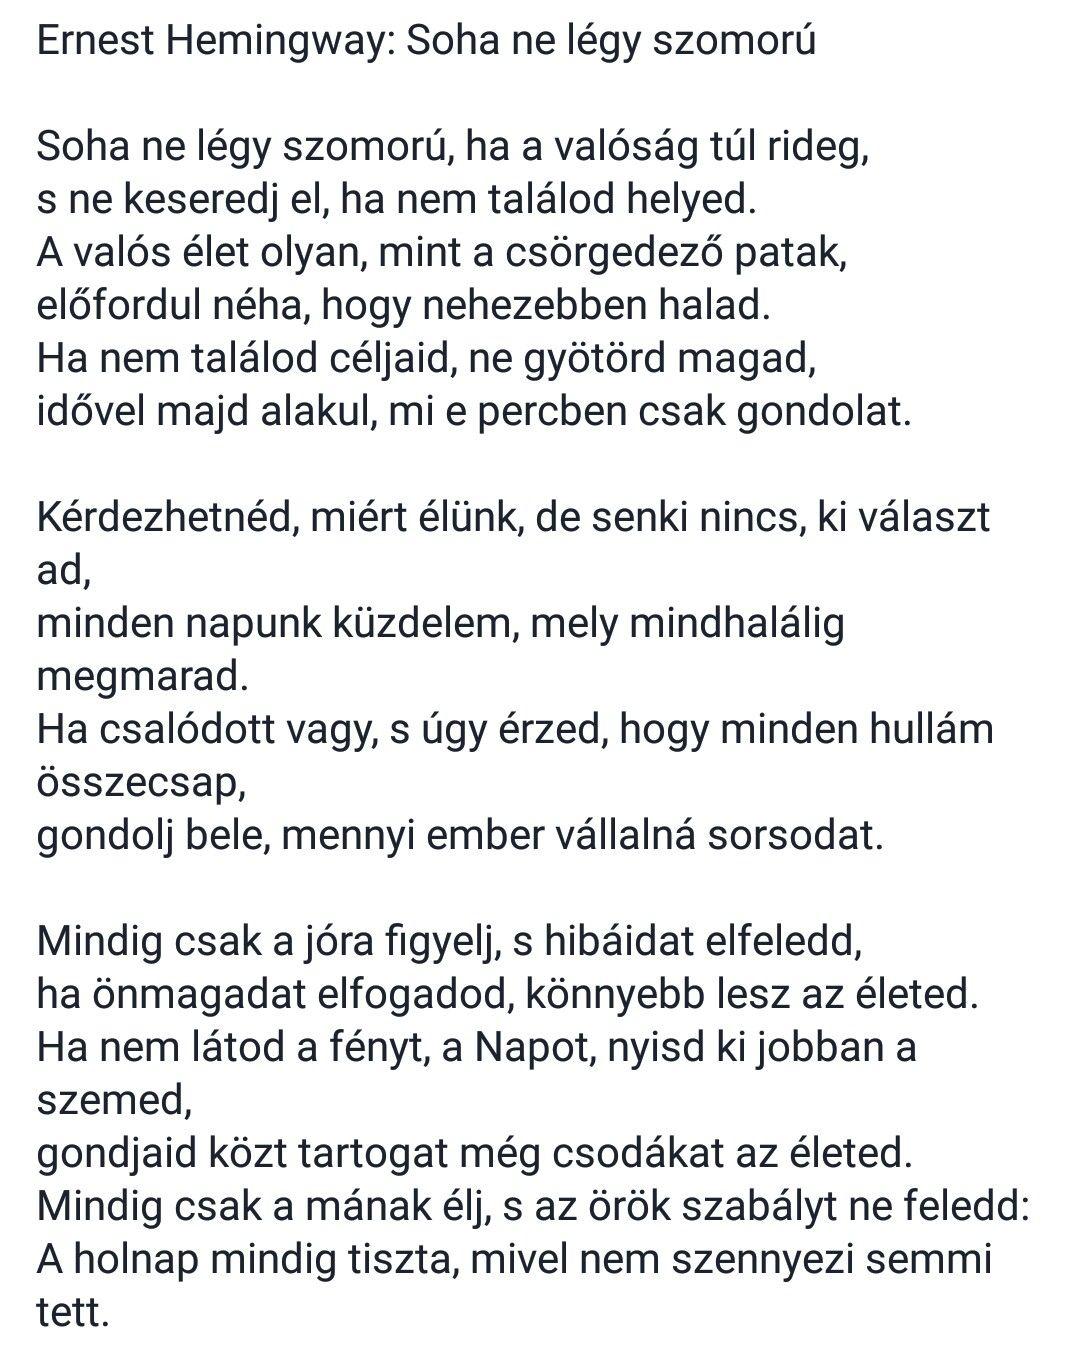 szomorú gyönyörű idézetek versek Pin by Jenei Jánosné on Idézetek | Affirmation quotes, Poetic